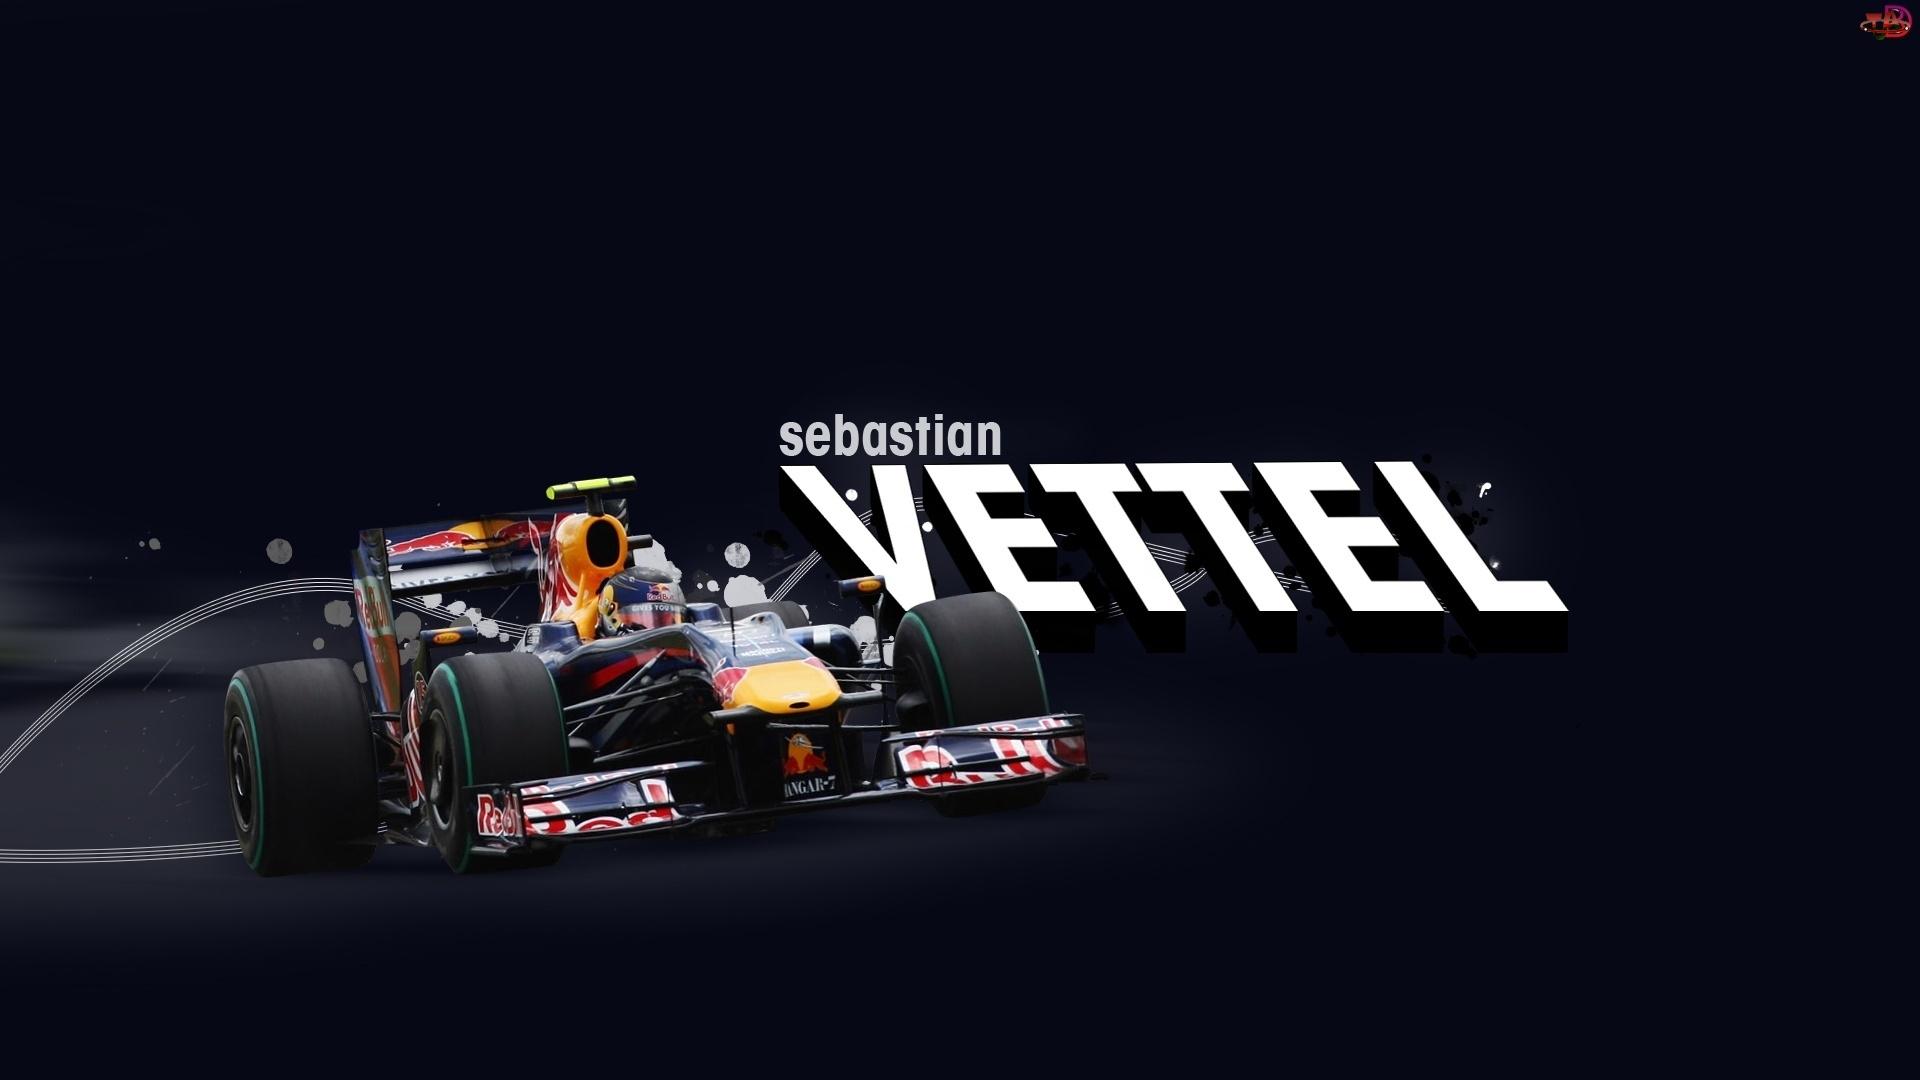 Formuła 1, Sebastian Vettel